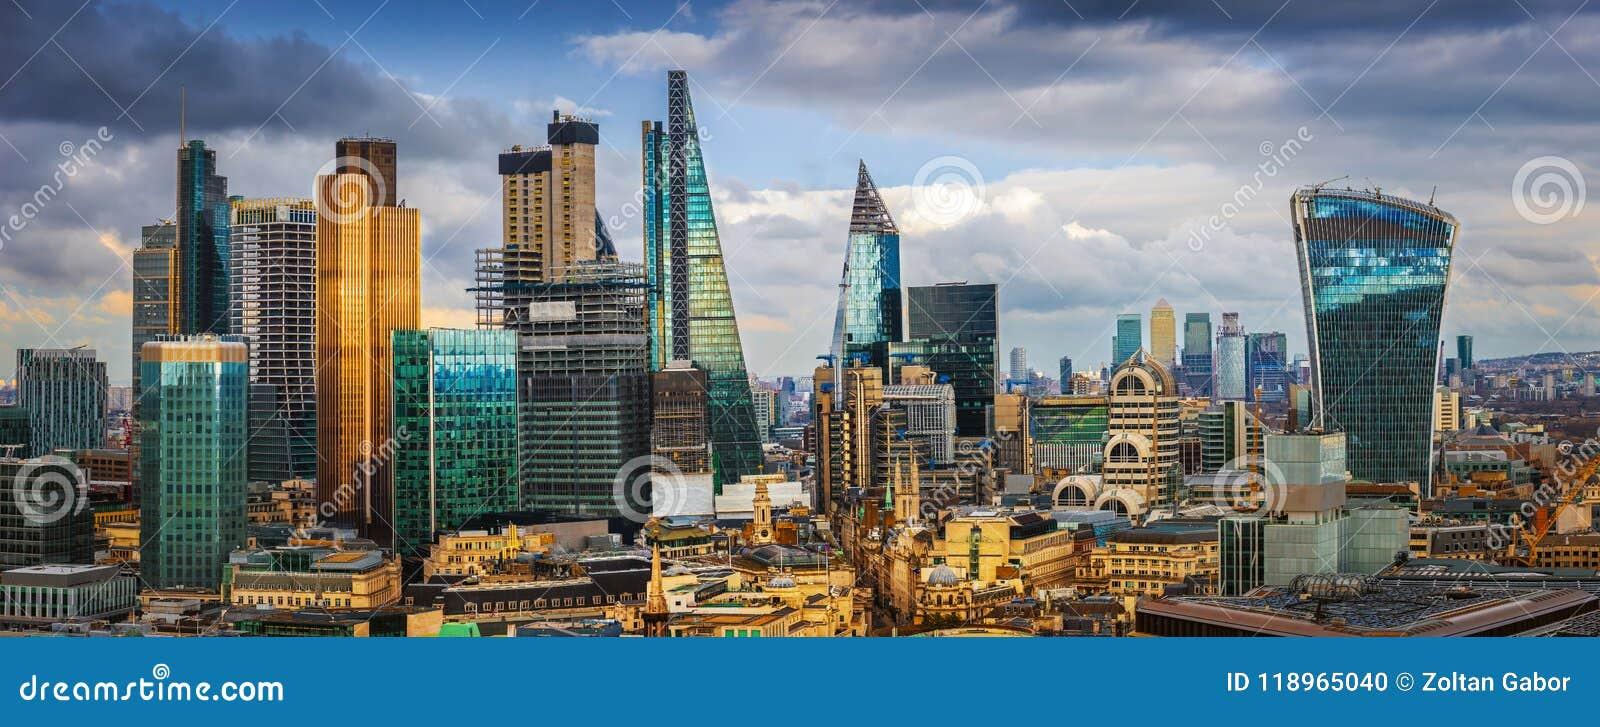 伦敦,英国-银行和金丝雀码头,中央伦敦` s全景地平线视图带领财政区的